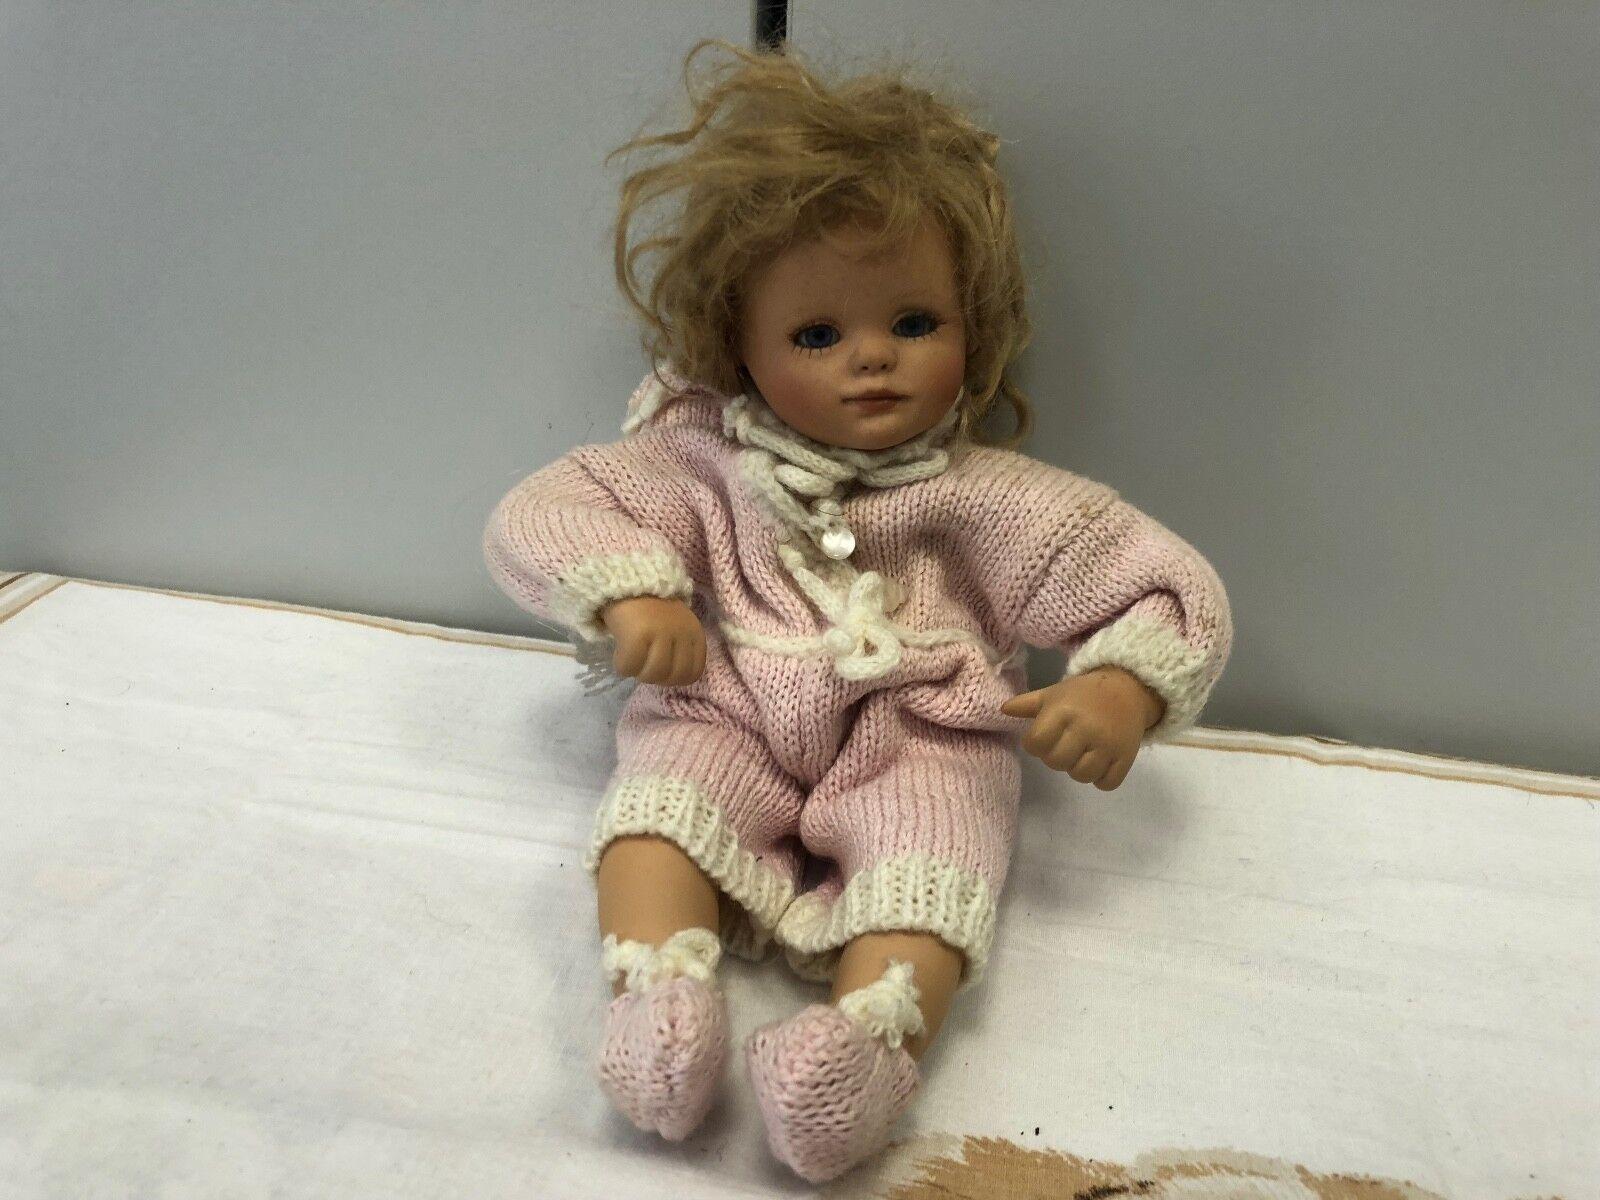 Gabriele Müller bambola di porcellana  23 cm. BUONO stato  si affrettò a vedere